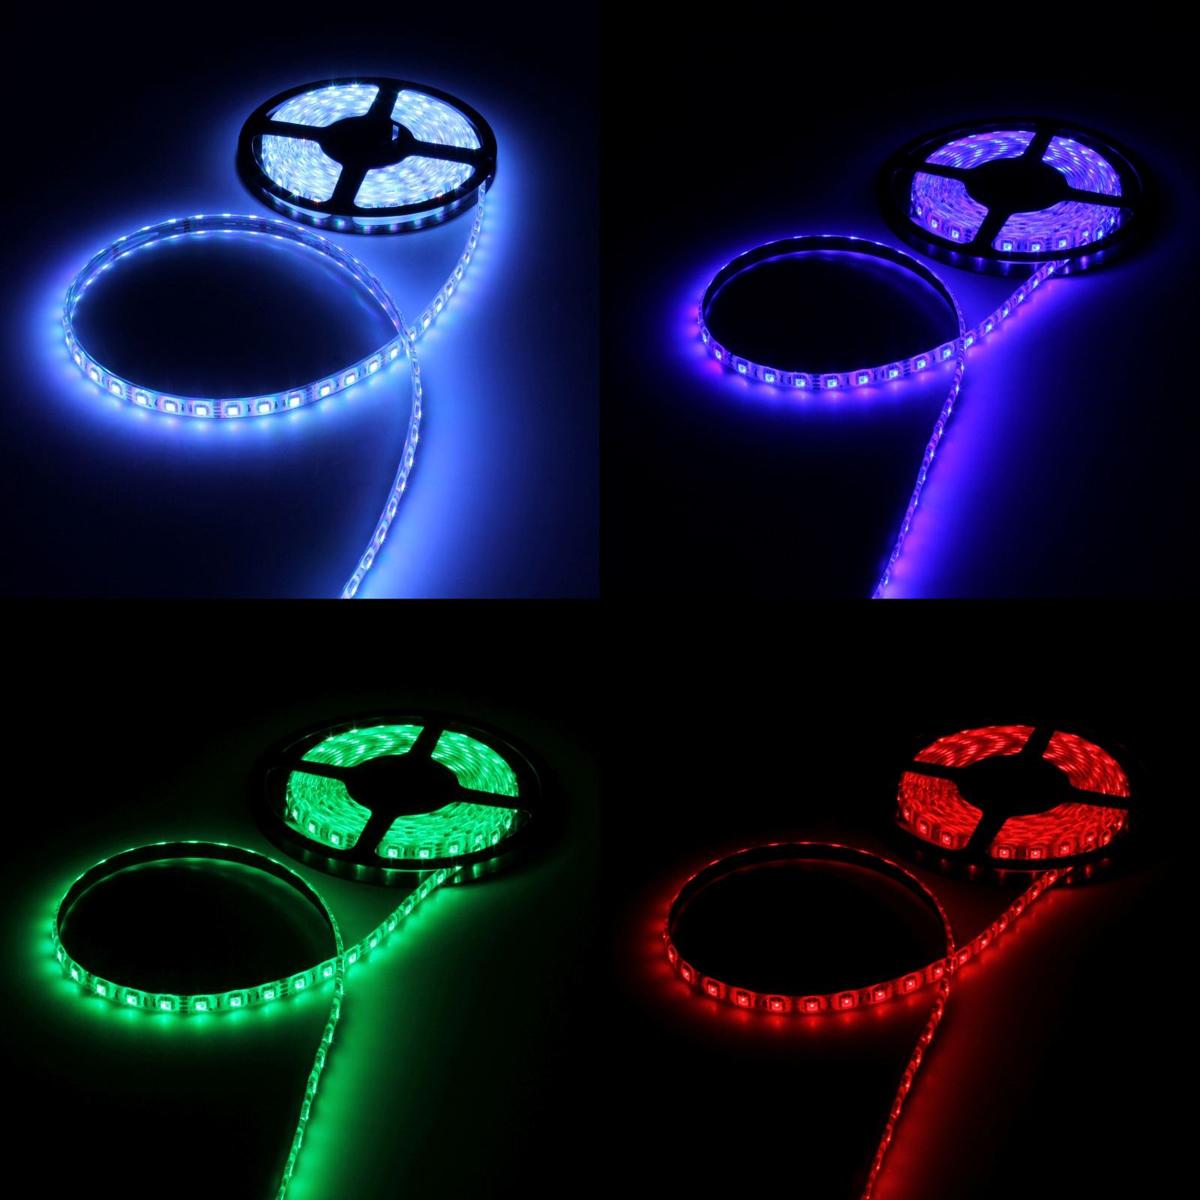 Светодиодная лента Luazon, 12В, SMD5050, длина 5 м, IP68, 60 LED ламп, 14.4 Вт/м, 14-16 Лм/1 LED, DC, цвет: мультиколор883962Светодиодные гирлянды, ленты и т.д — это отличный вариант для новогоднего оформления интерьера или фасада. С их помощью помещение любого размера можно превратить в праздничный зал, а внешние элементы зданий, украшенные ими, мгновенно станут напоминать очертания сказочного дворца. Такие украшения создают ауру предвкушения чуда. Деревья, фасады, витрины, окна и арки будто специально созданы, чтобы вы украсили их светящимися нитями.